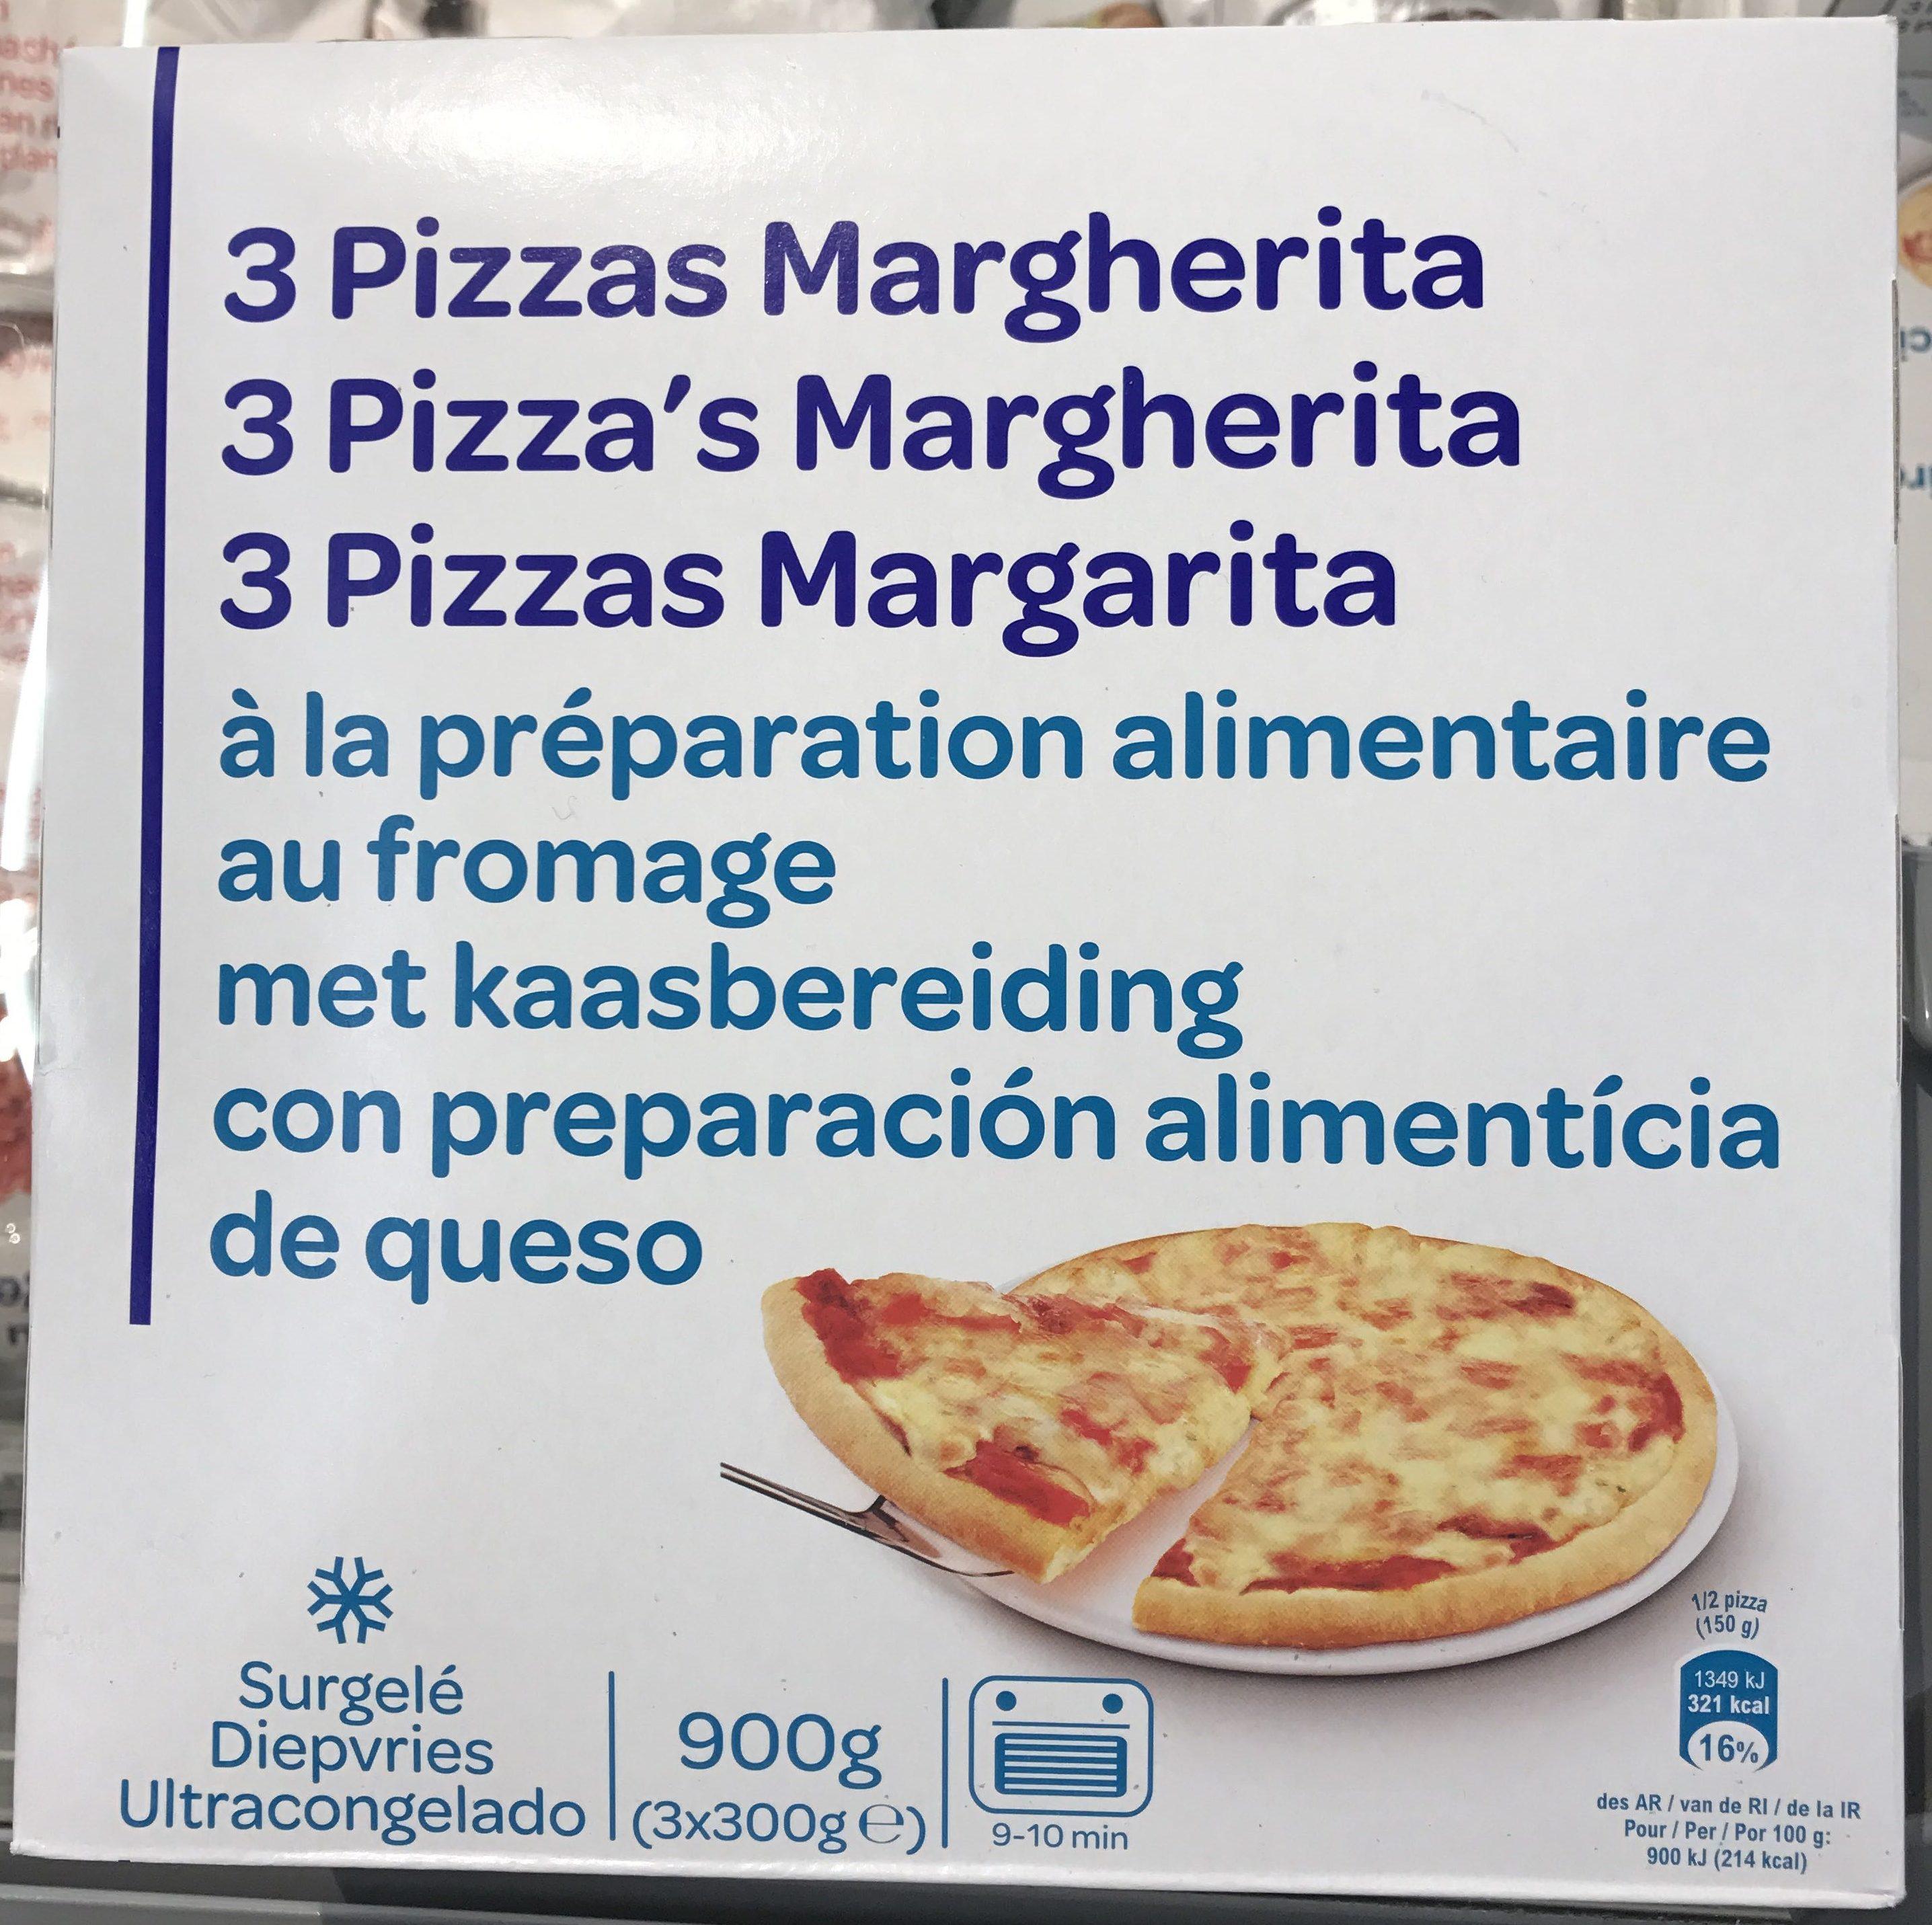 3 Pizzas Margherita à la préparation alimentaire au fromage. - Producto